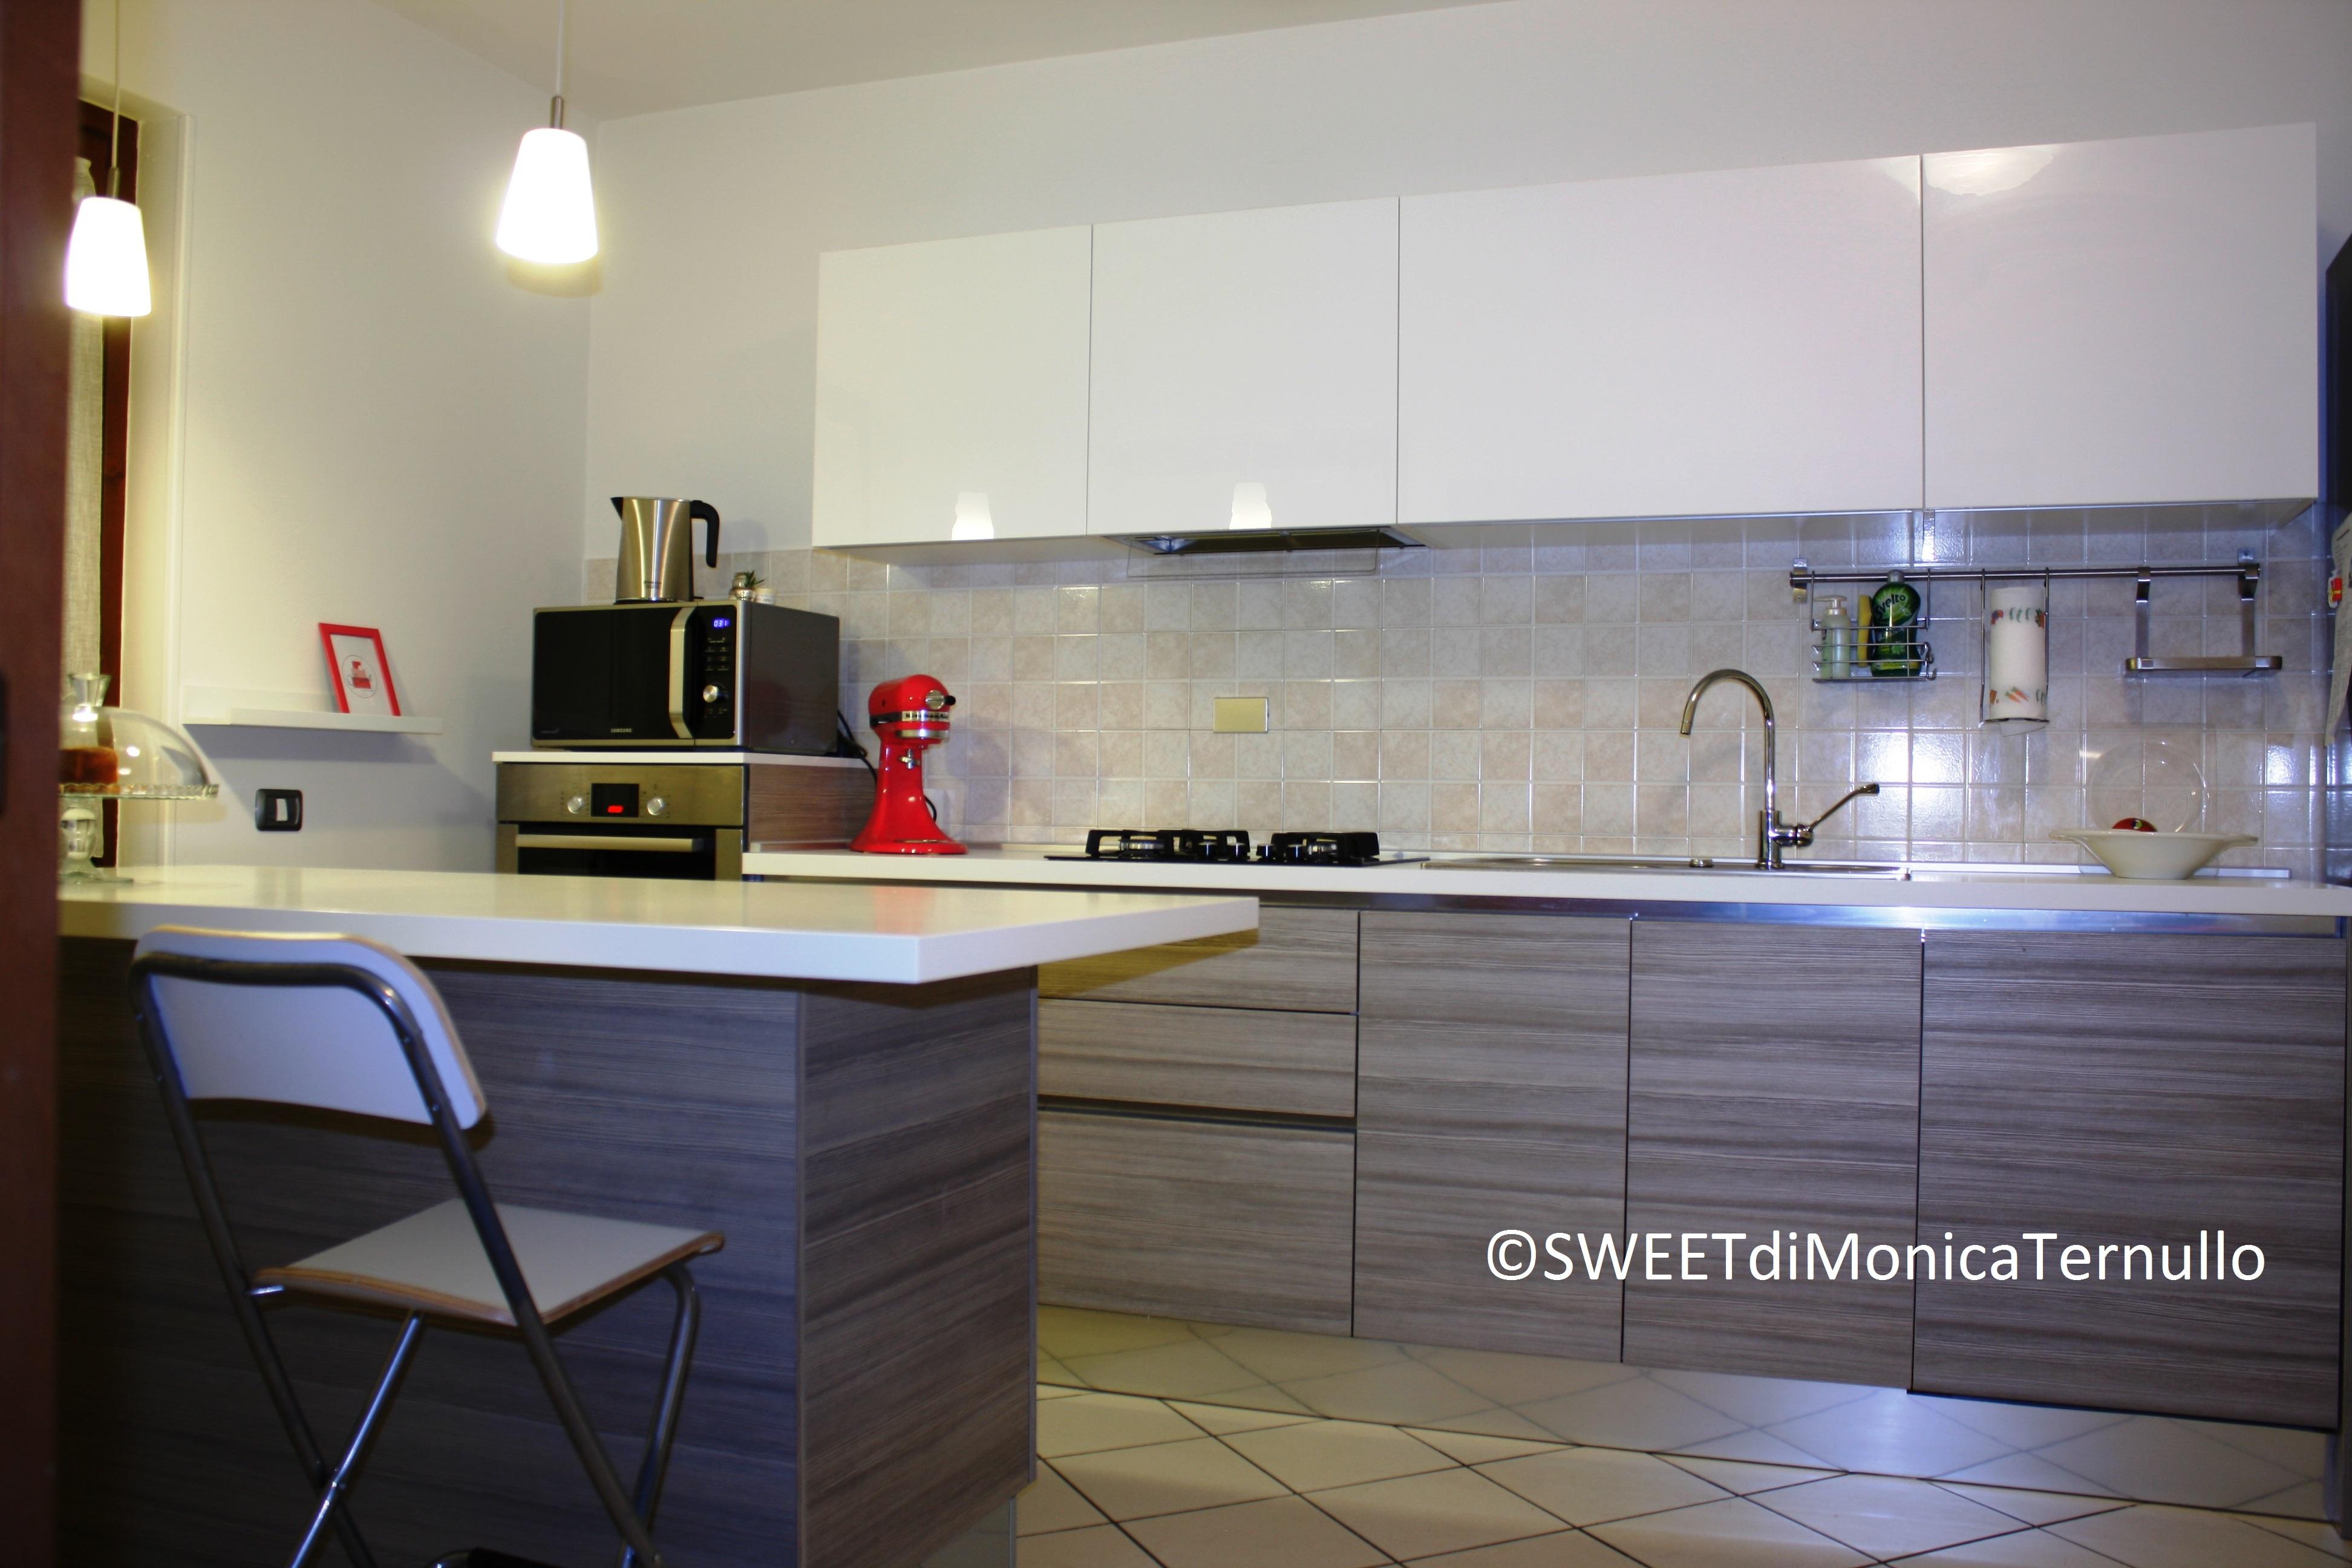 Microimpresa domestica in primo piano sweet di monica ternullo dolci con me - La cucina di monica ...